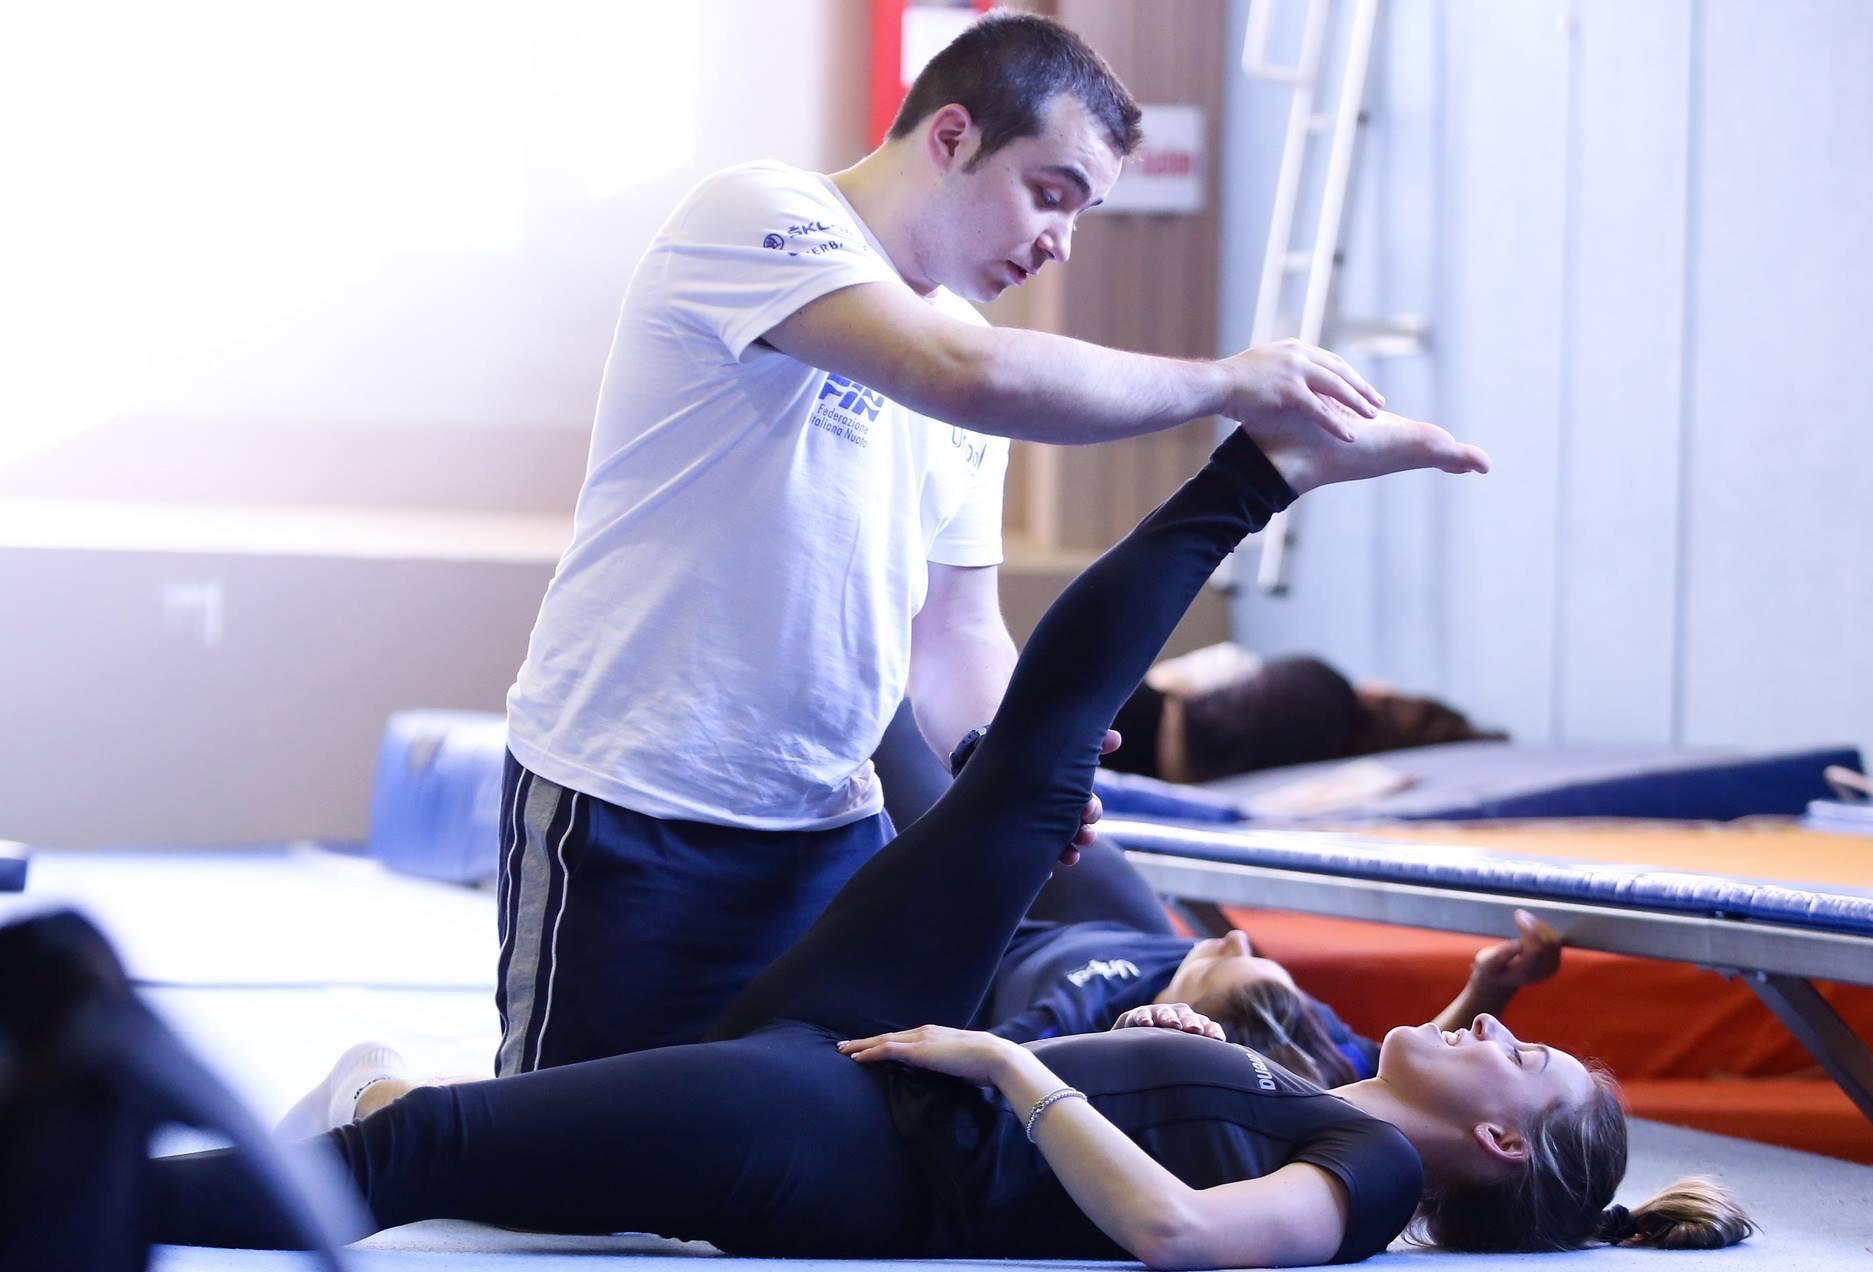 fisioterapia siena